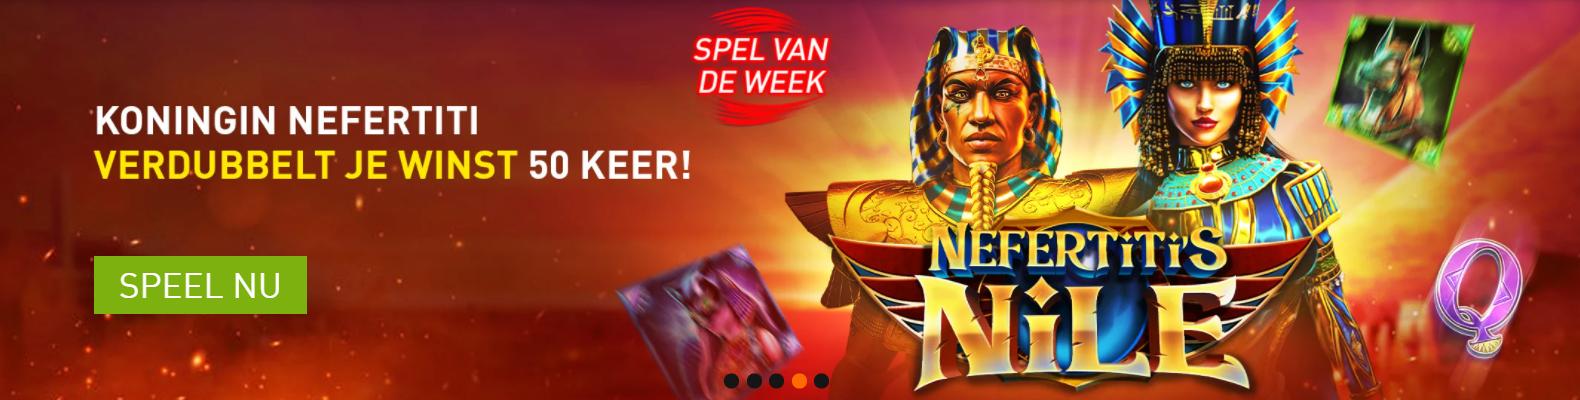 Spellen van de week Maart 2021 Online speelhal Casino 777 Circus Napoleon